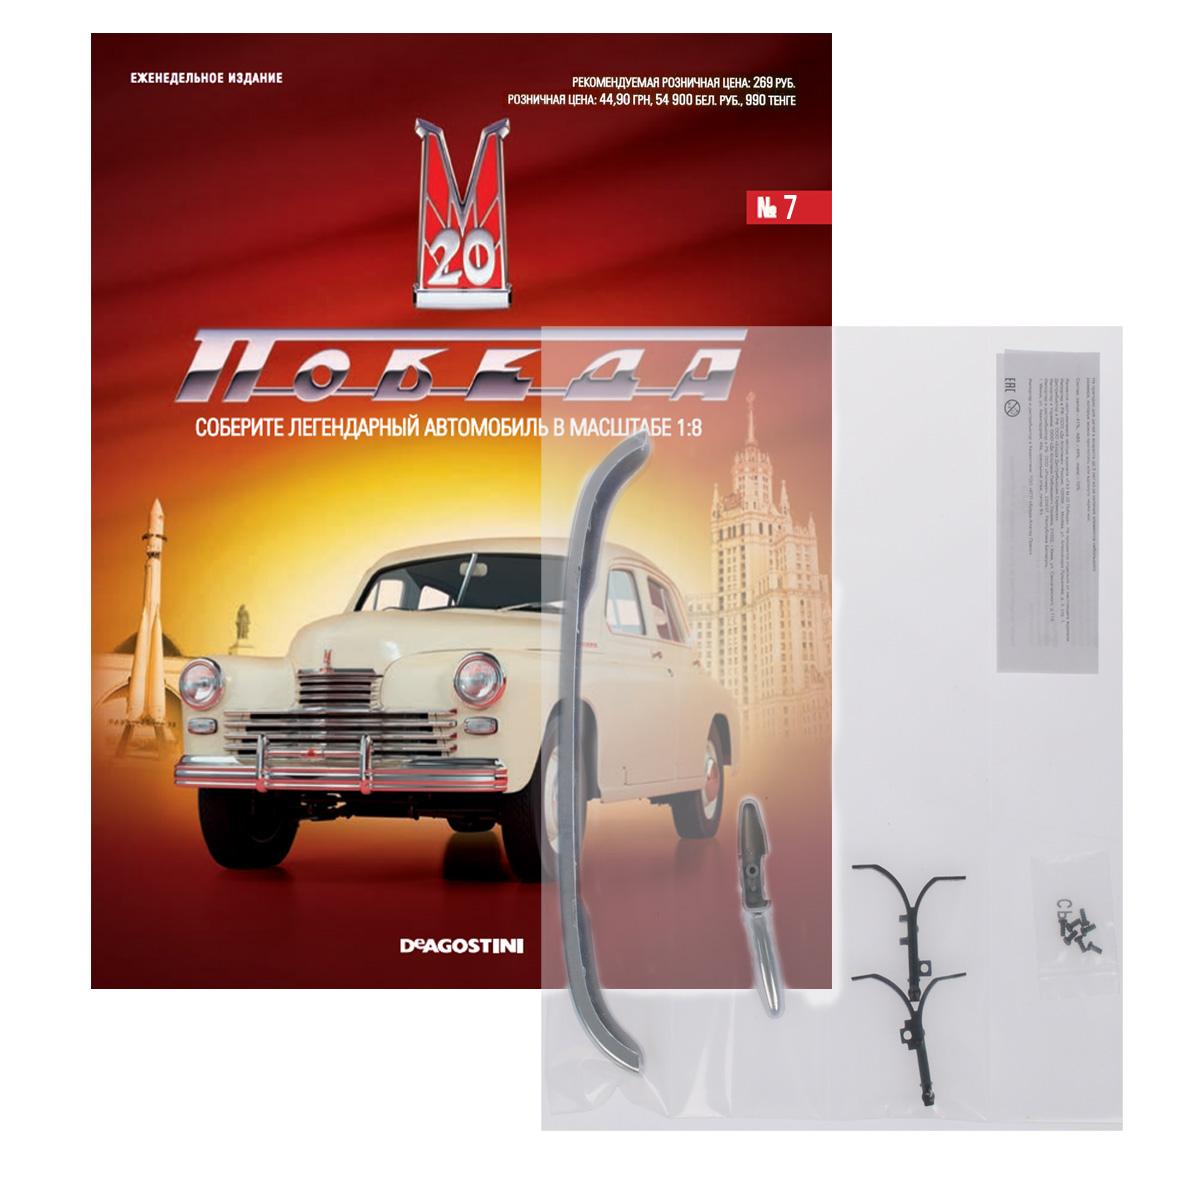 Журнал ГАЗ М20 Победа №7POBEDA007Журнальная серия ГАЗ-М20 Победа от издательства ДеАгостини разработана для поклонников моделизма и истории автомобилестроения. Коллекция включает в себя 100 выпусков еженедельных журналов, в которых публикуются интересные архивные материалы и фотоснимки, информация об важнейших исторических событиях в отечественном автомобилестроении, а также пошаговые инструкции по сборке модели автомобиля ГАЗ-М20 Победа от компании DeAgostini. Дополнительно к каждому журналу прилагаются детали для сборки модели этого легендарного автомобиля в масштабе 1:8. В этом выпуске вы найдете: детали для сборки заднего буфера. Категория 16+.